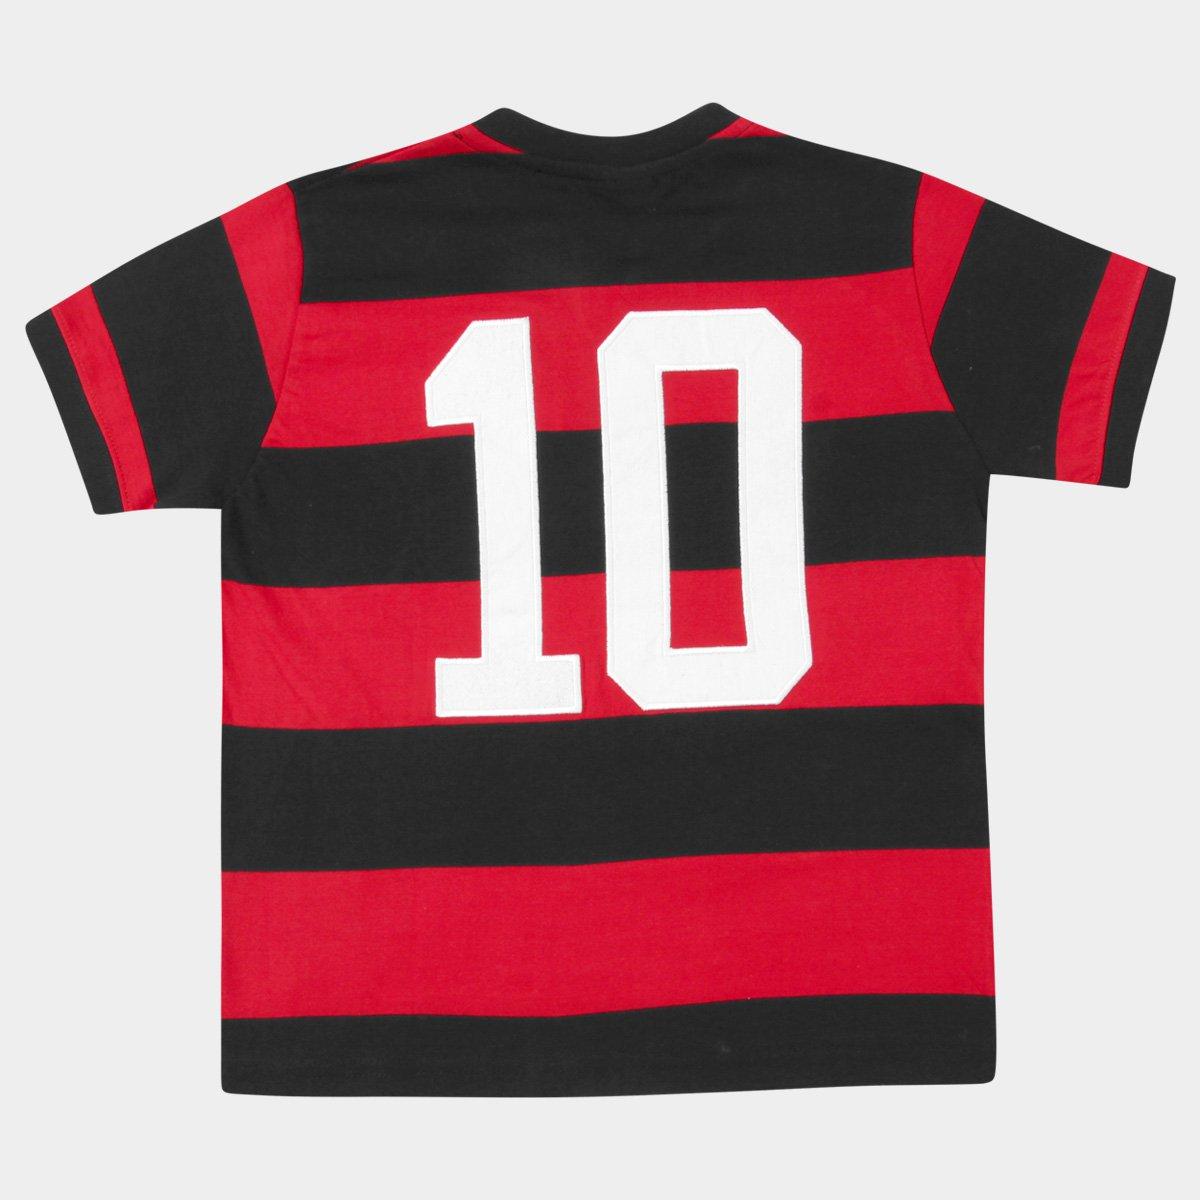 441d2a8e6d Camiseta Flamengo Retrô - Zico Infantil - Vermelho e Preto - Compre ...